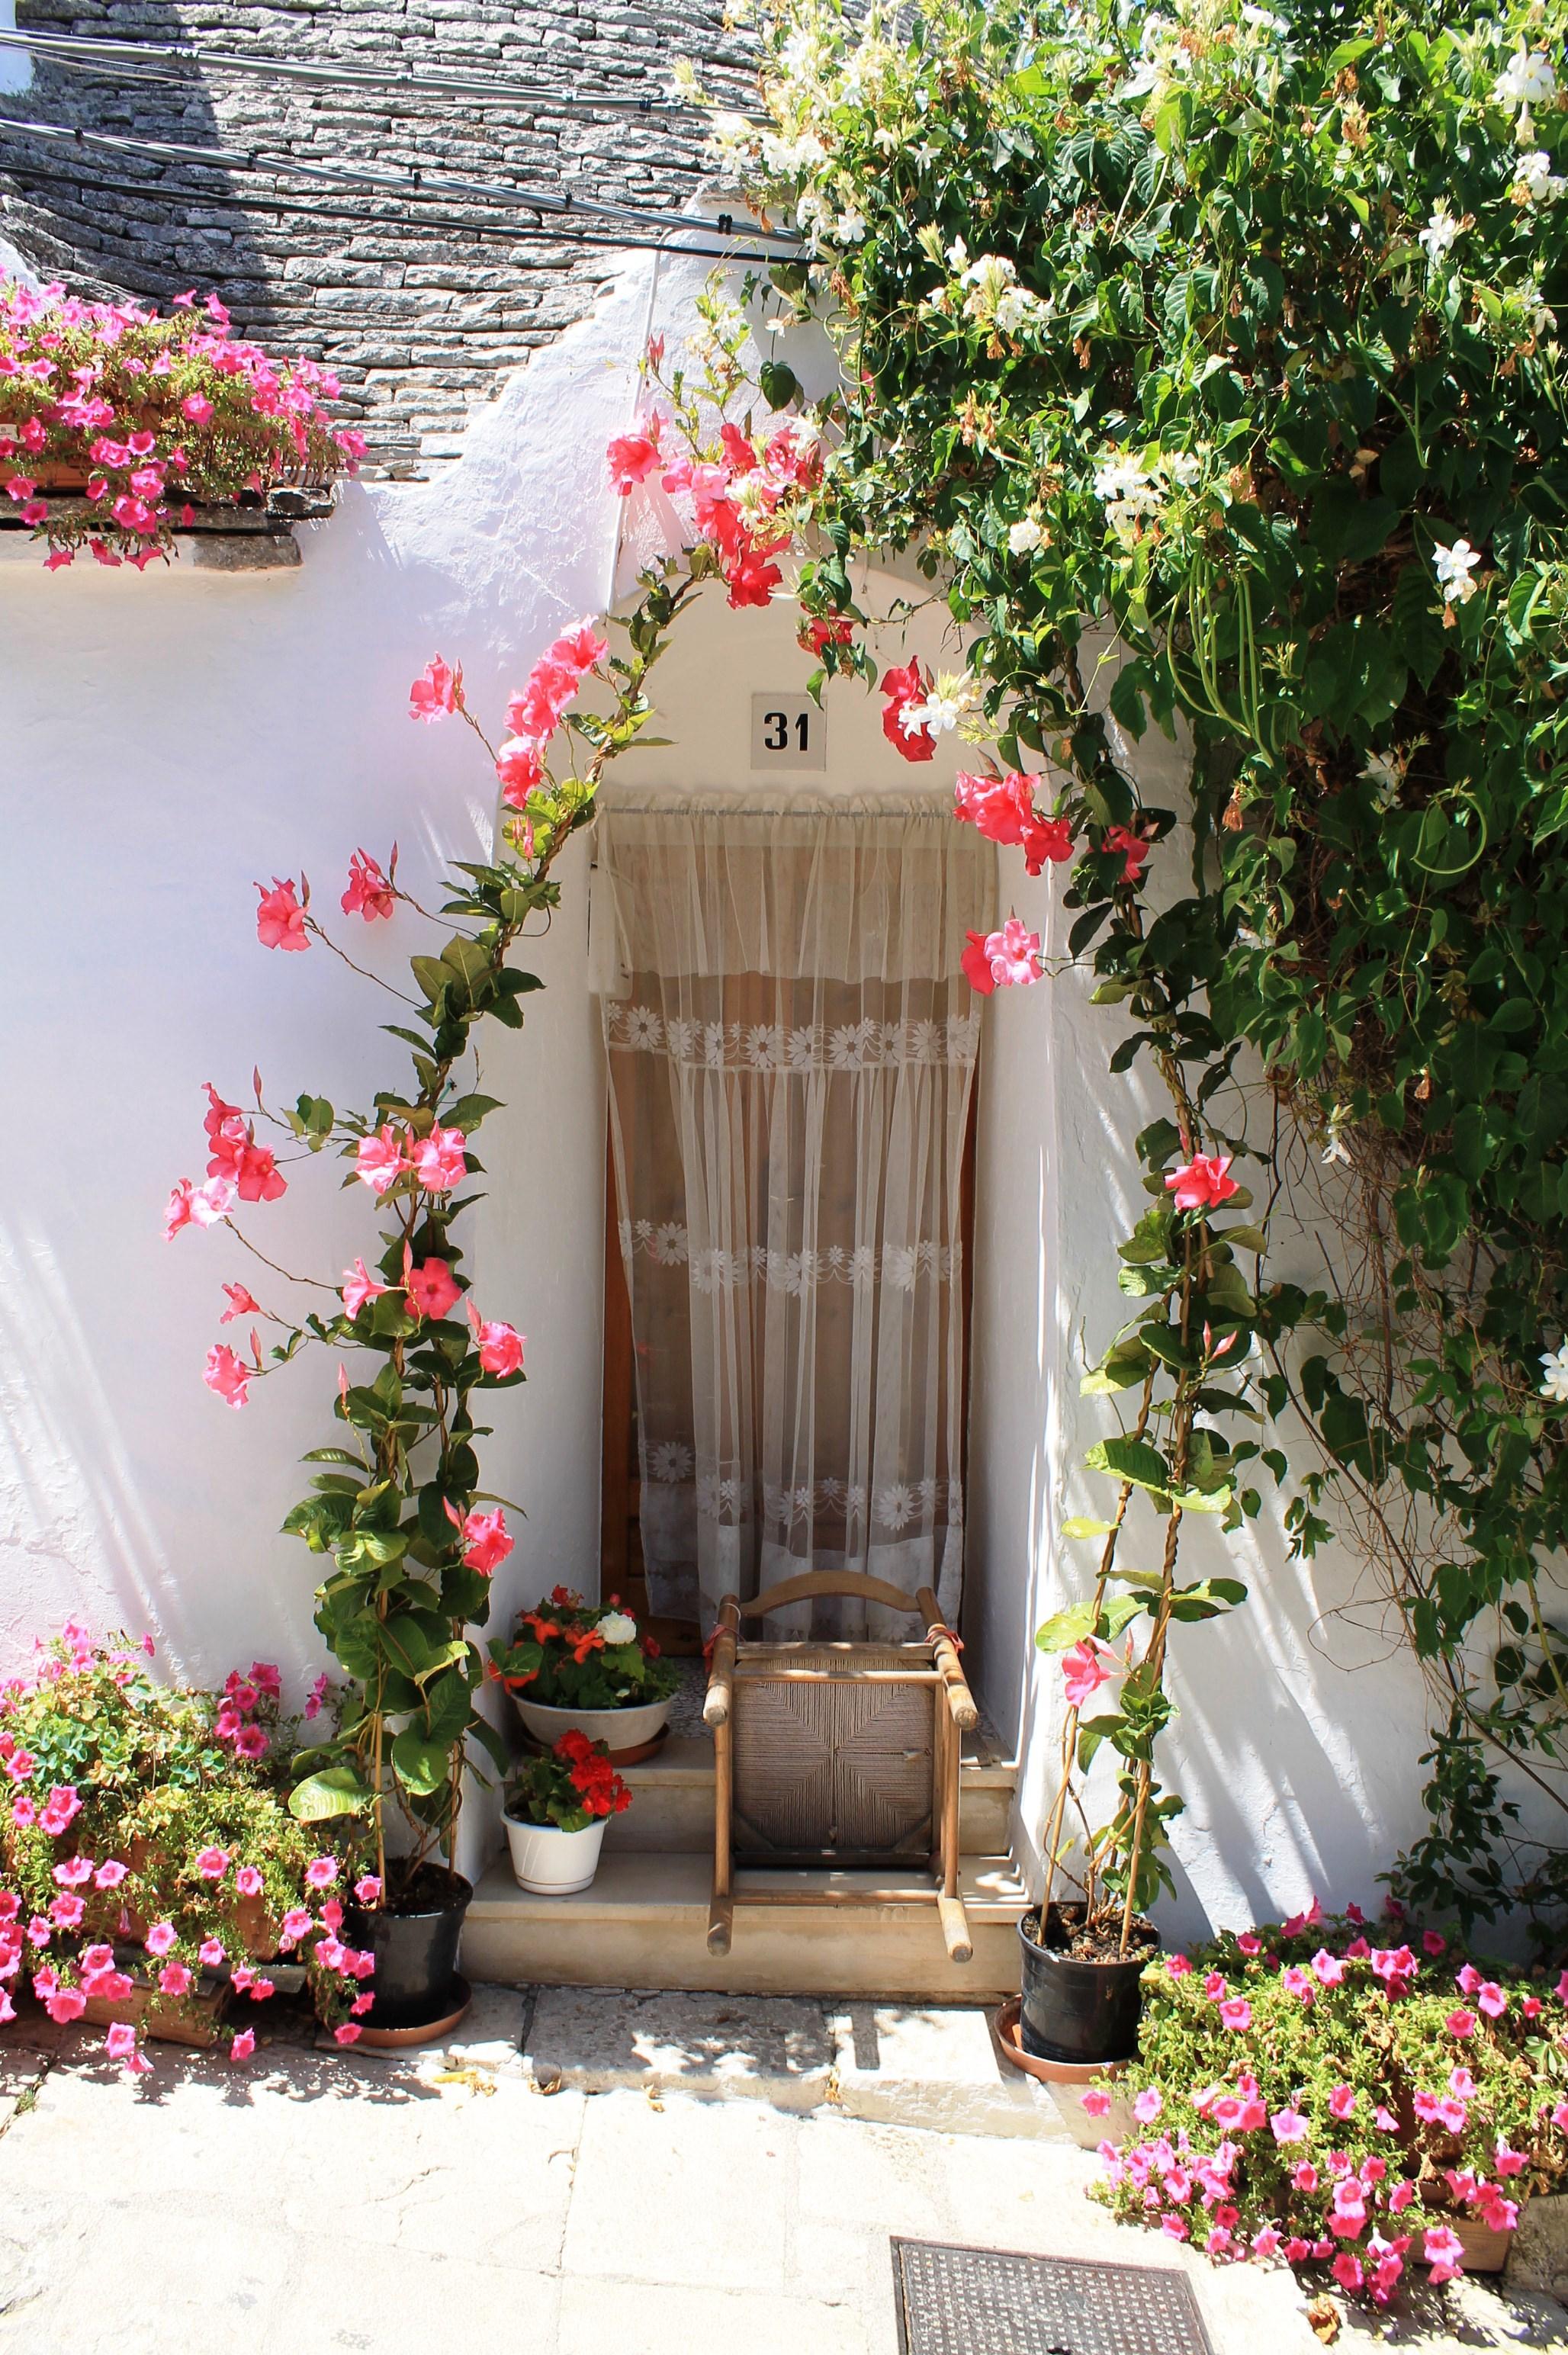 Входът на една от трулите - вълшебно спокойствие и красота.